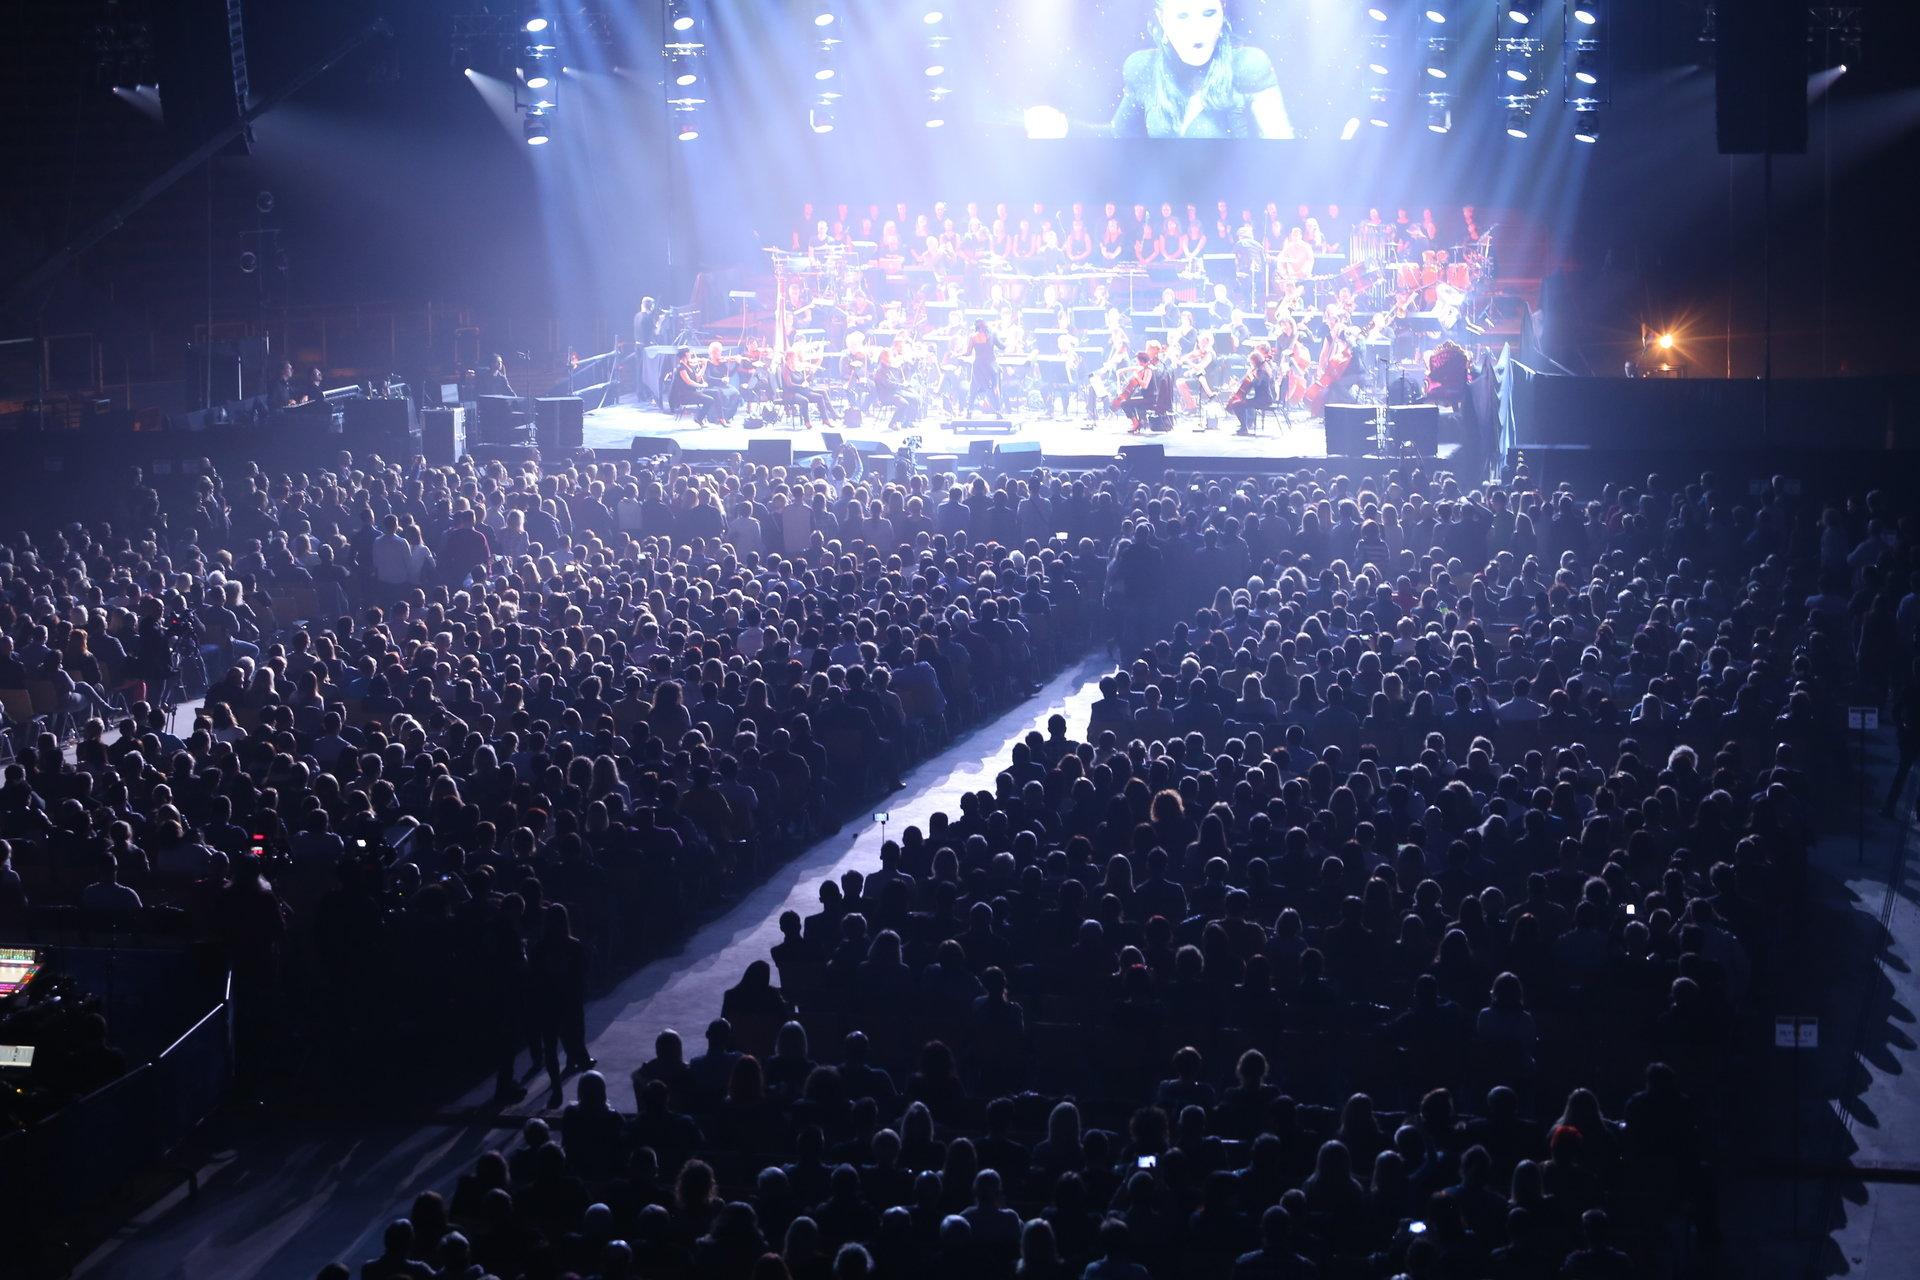 Największe światowe gwiazdy muzyki pop wystąpią w Łodzi już w najbliższą sobotę!